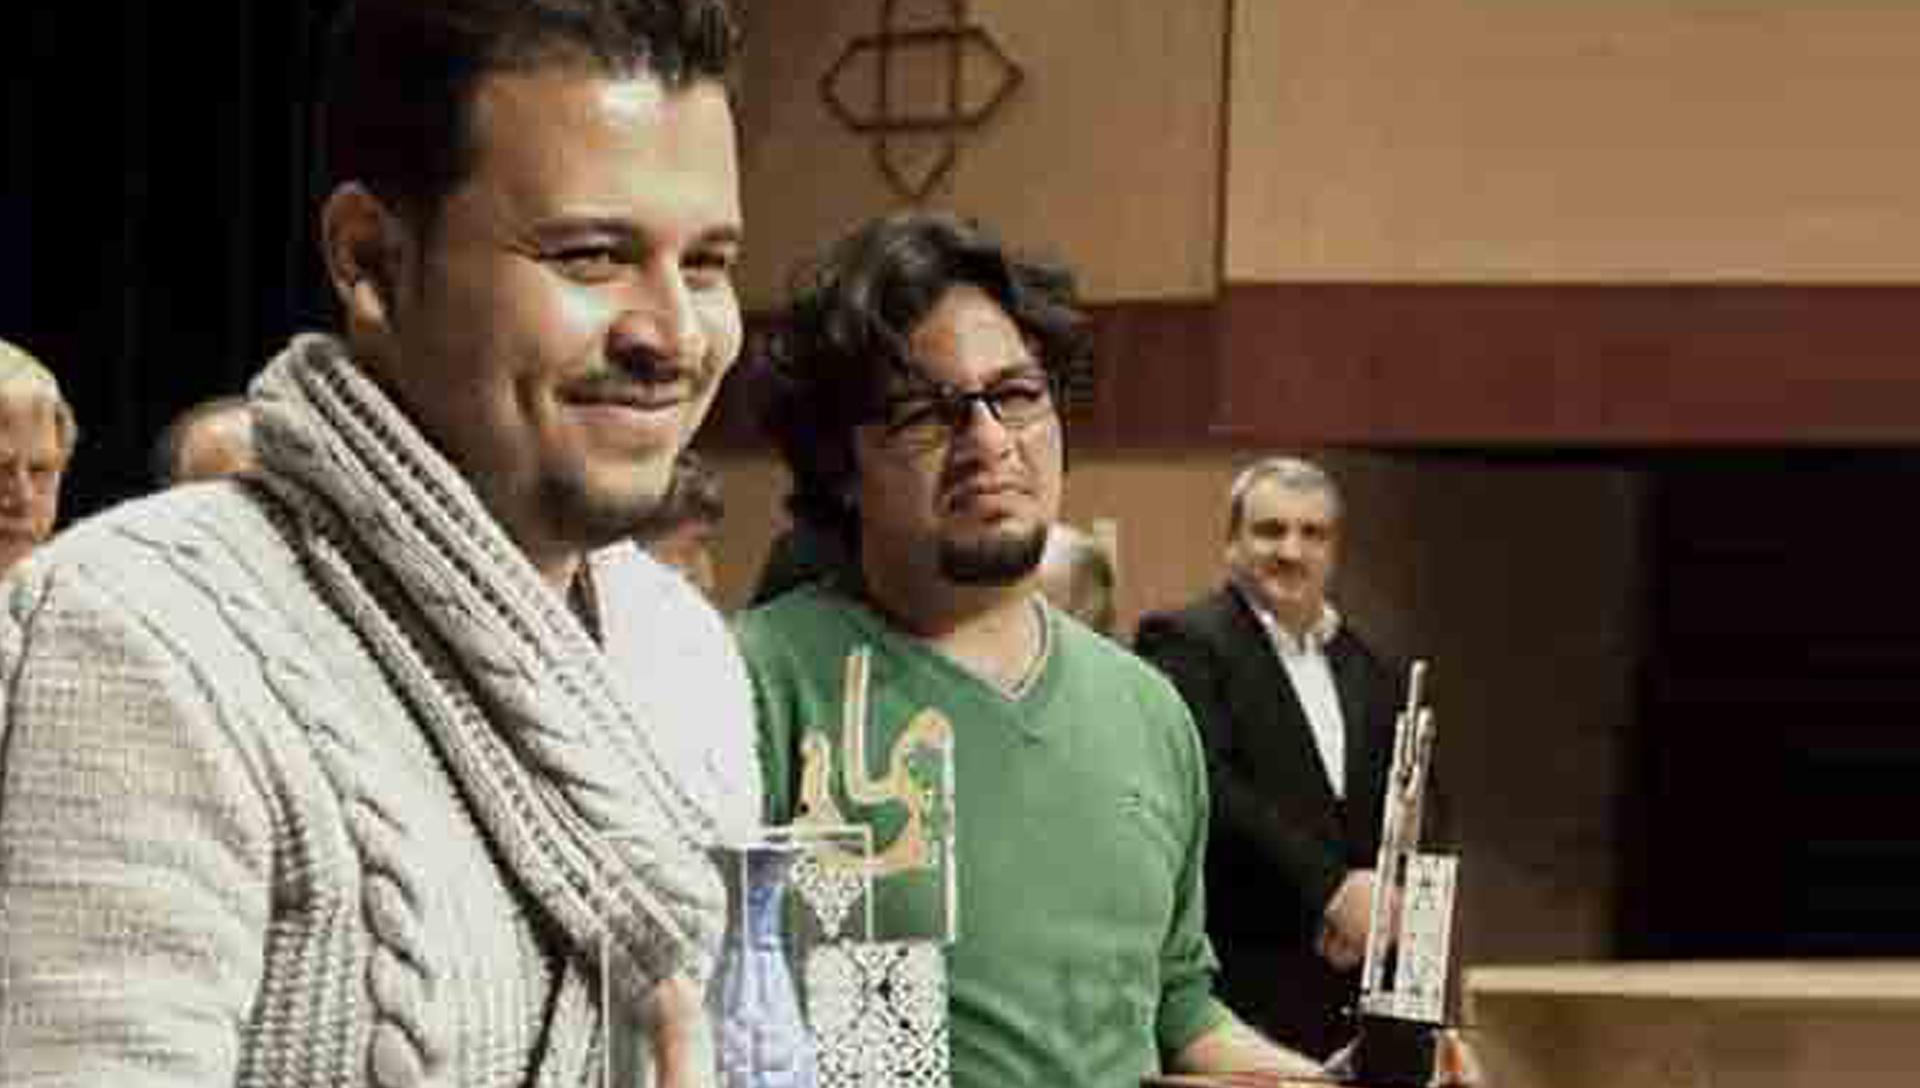 جشنواره بمانی مستند واسونک- گروه فیلم سازی زوم شیراز - برادران شریفی